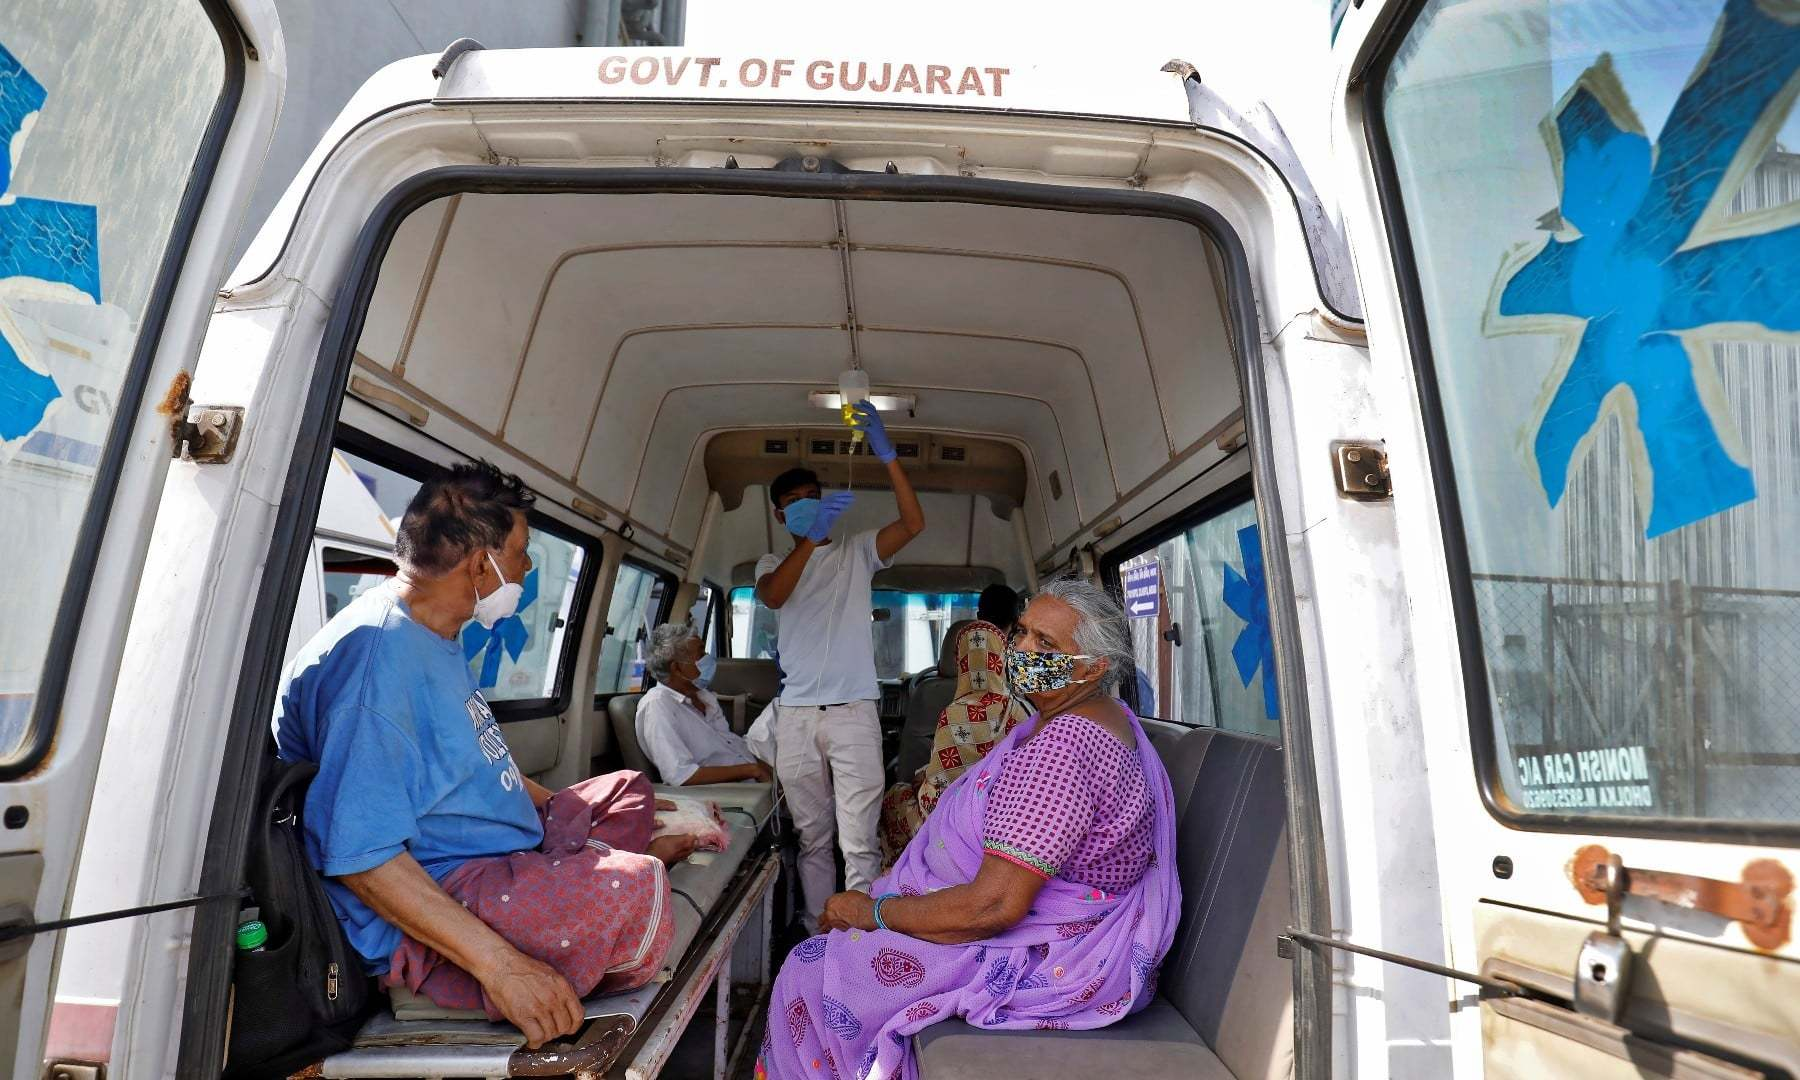 بھارت میں کورونا سے صورتحال سنگین: یومیہ کیسز کا نیا عالمی ریکارڈ